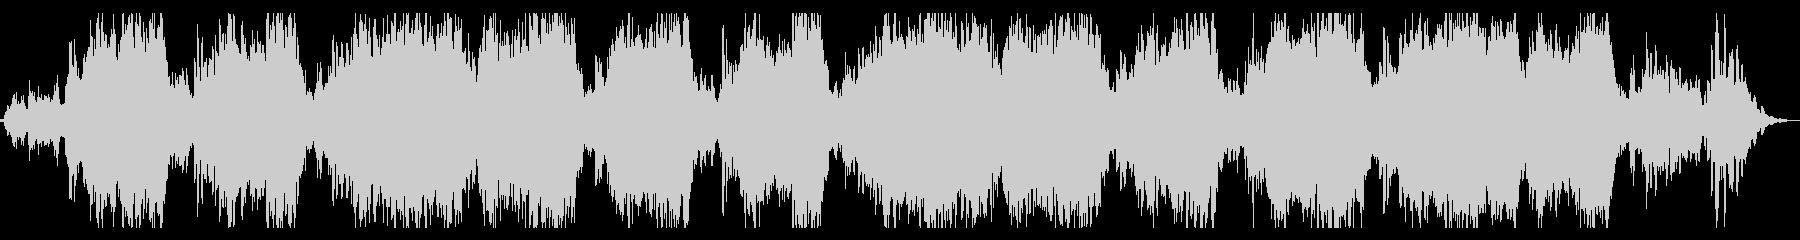 ミステリアスなシネマチックBGMの未再生の波形